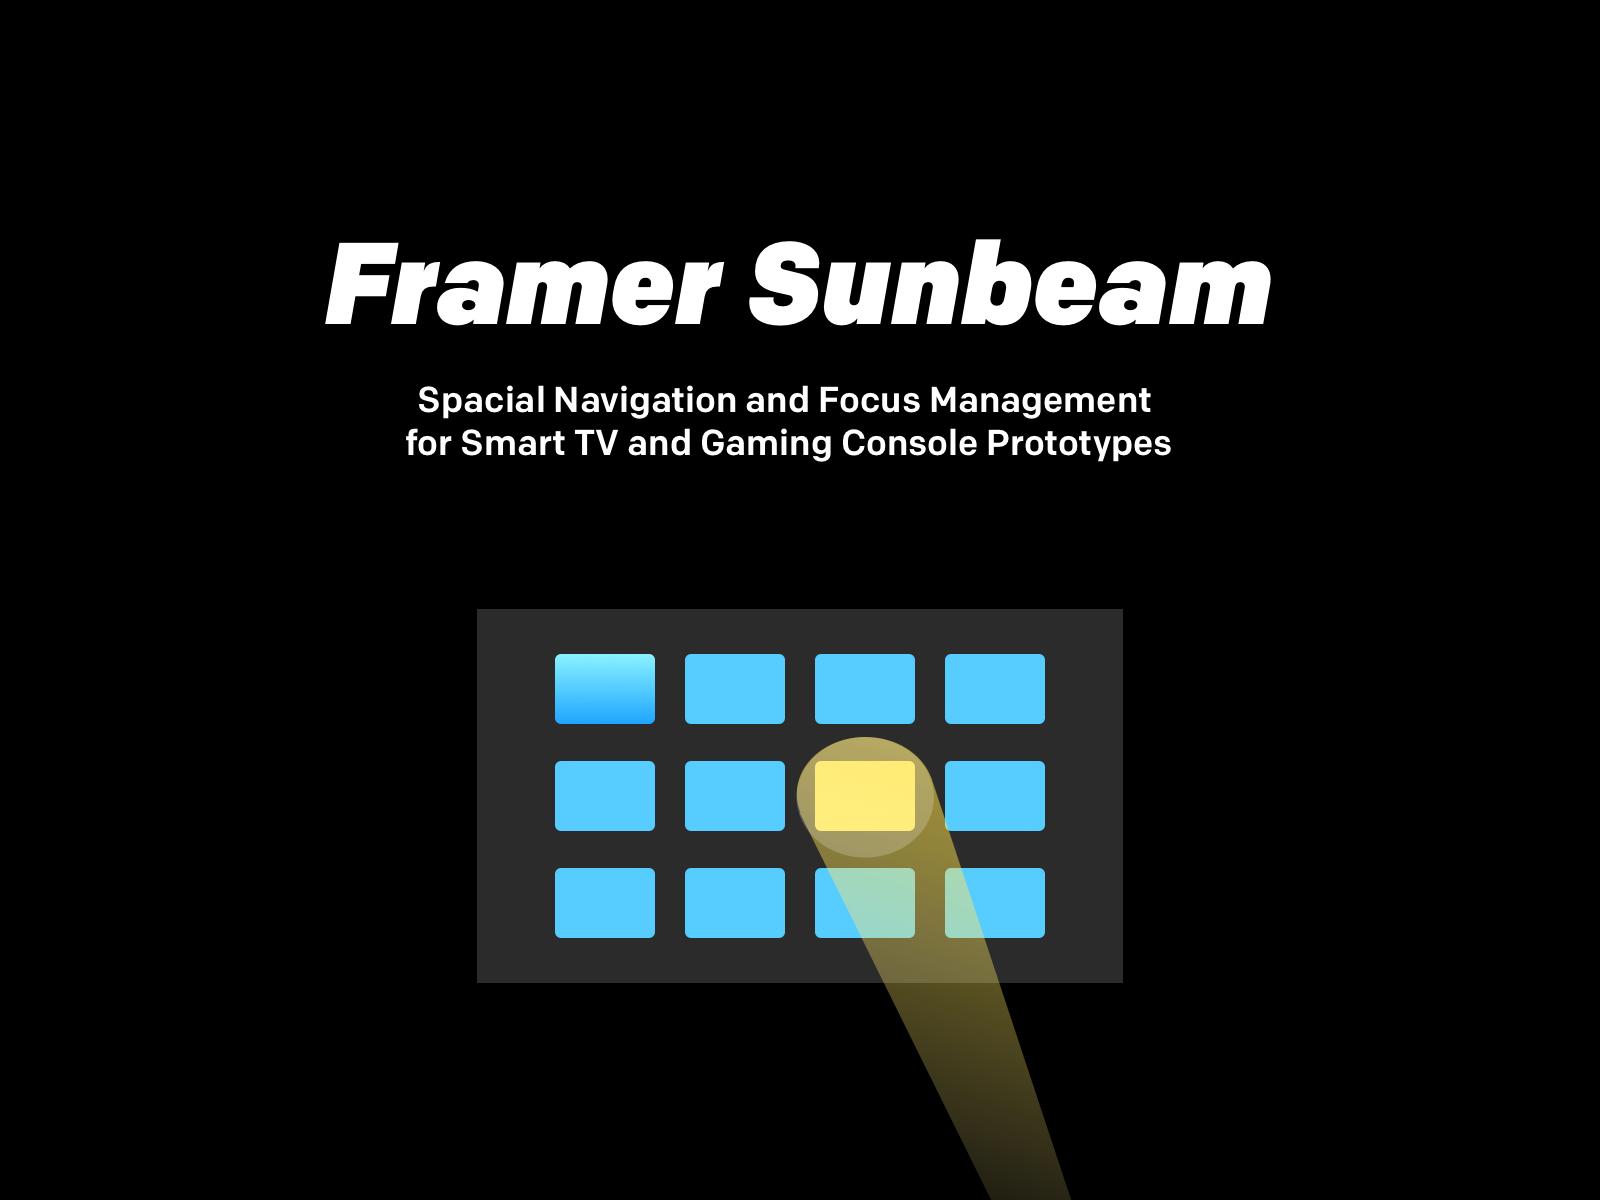 Framer Sunbeam